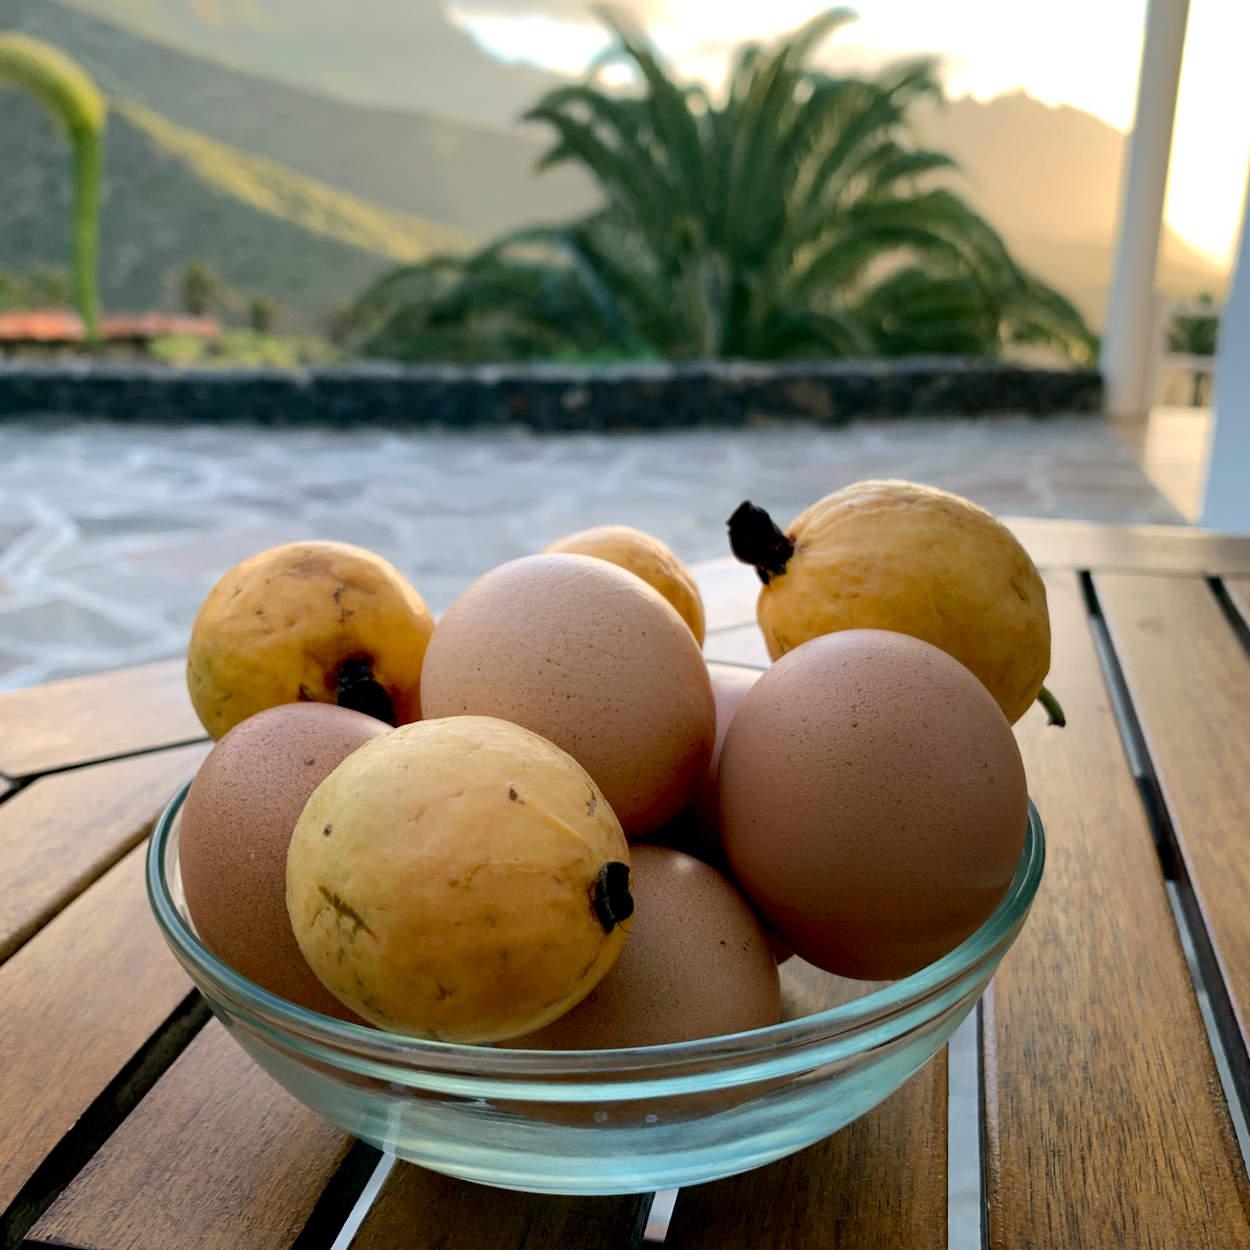 Eier und runde, gelbe Früchte in einer Schale